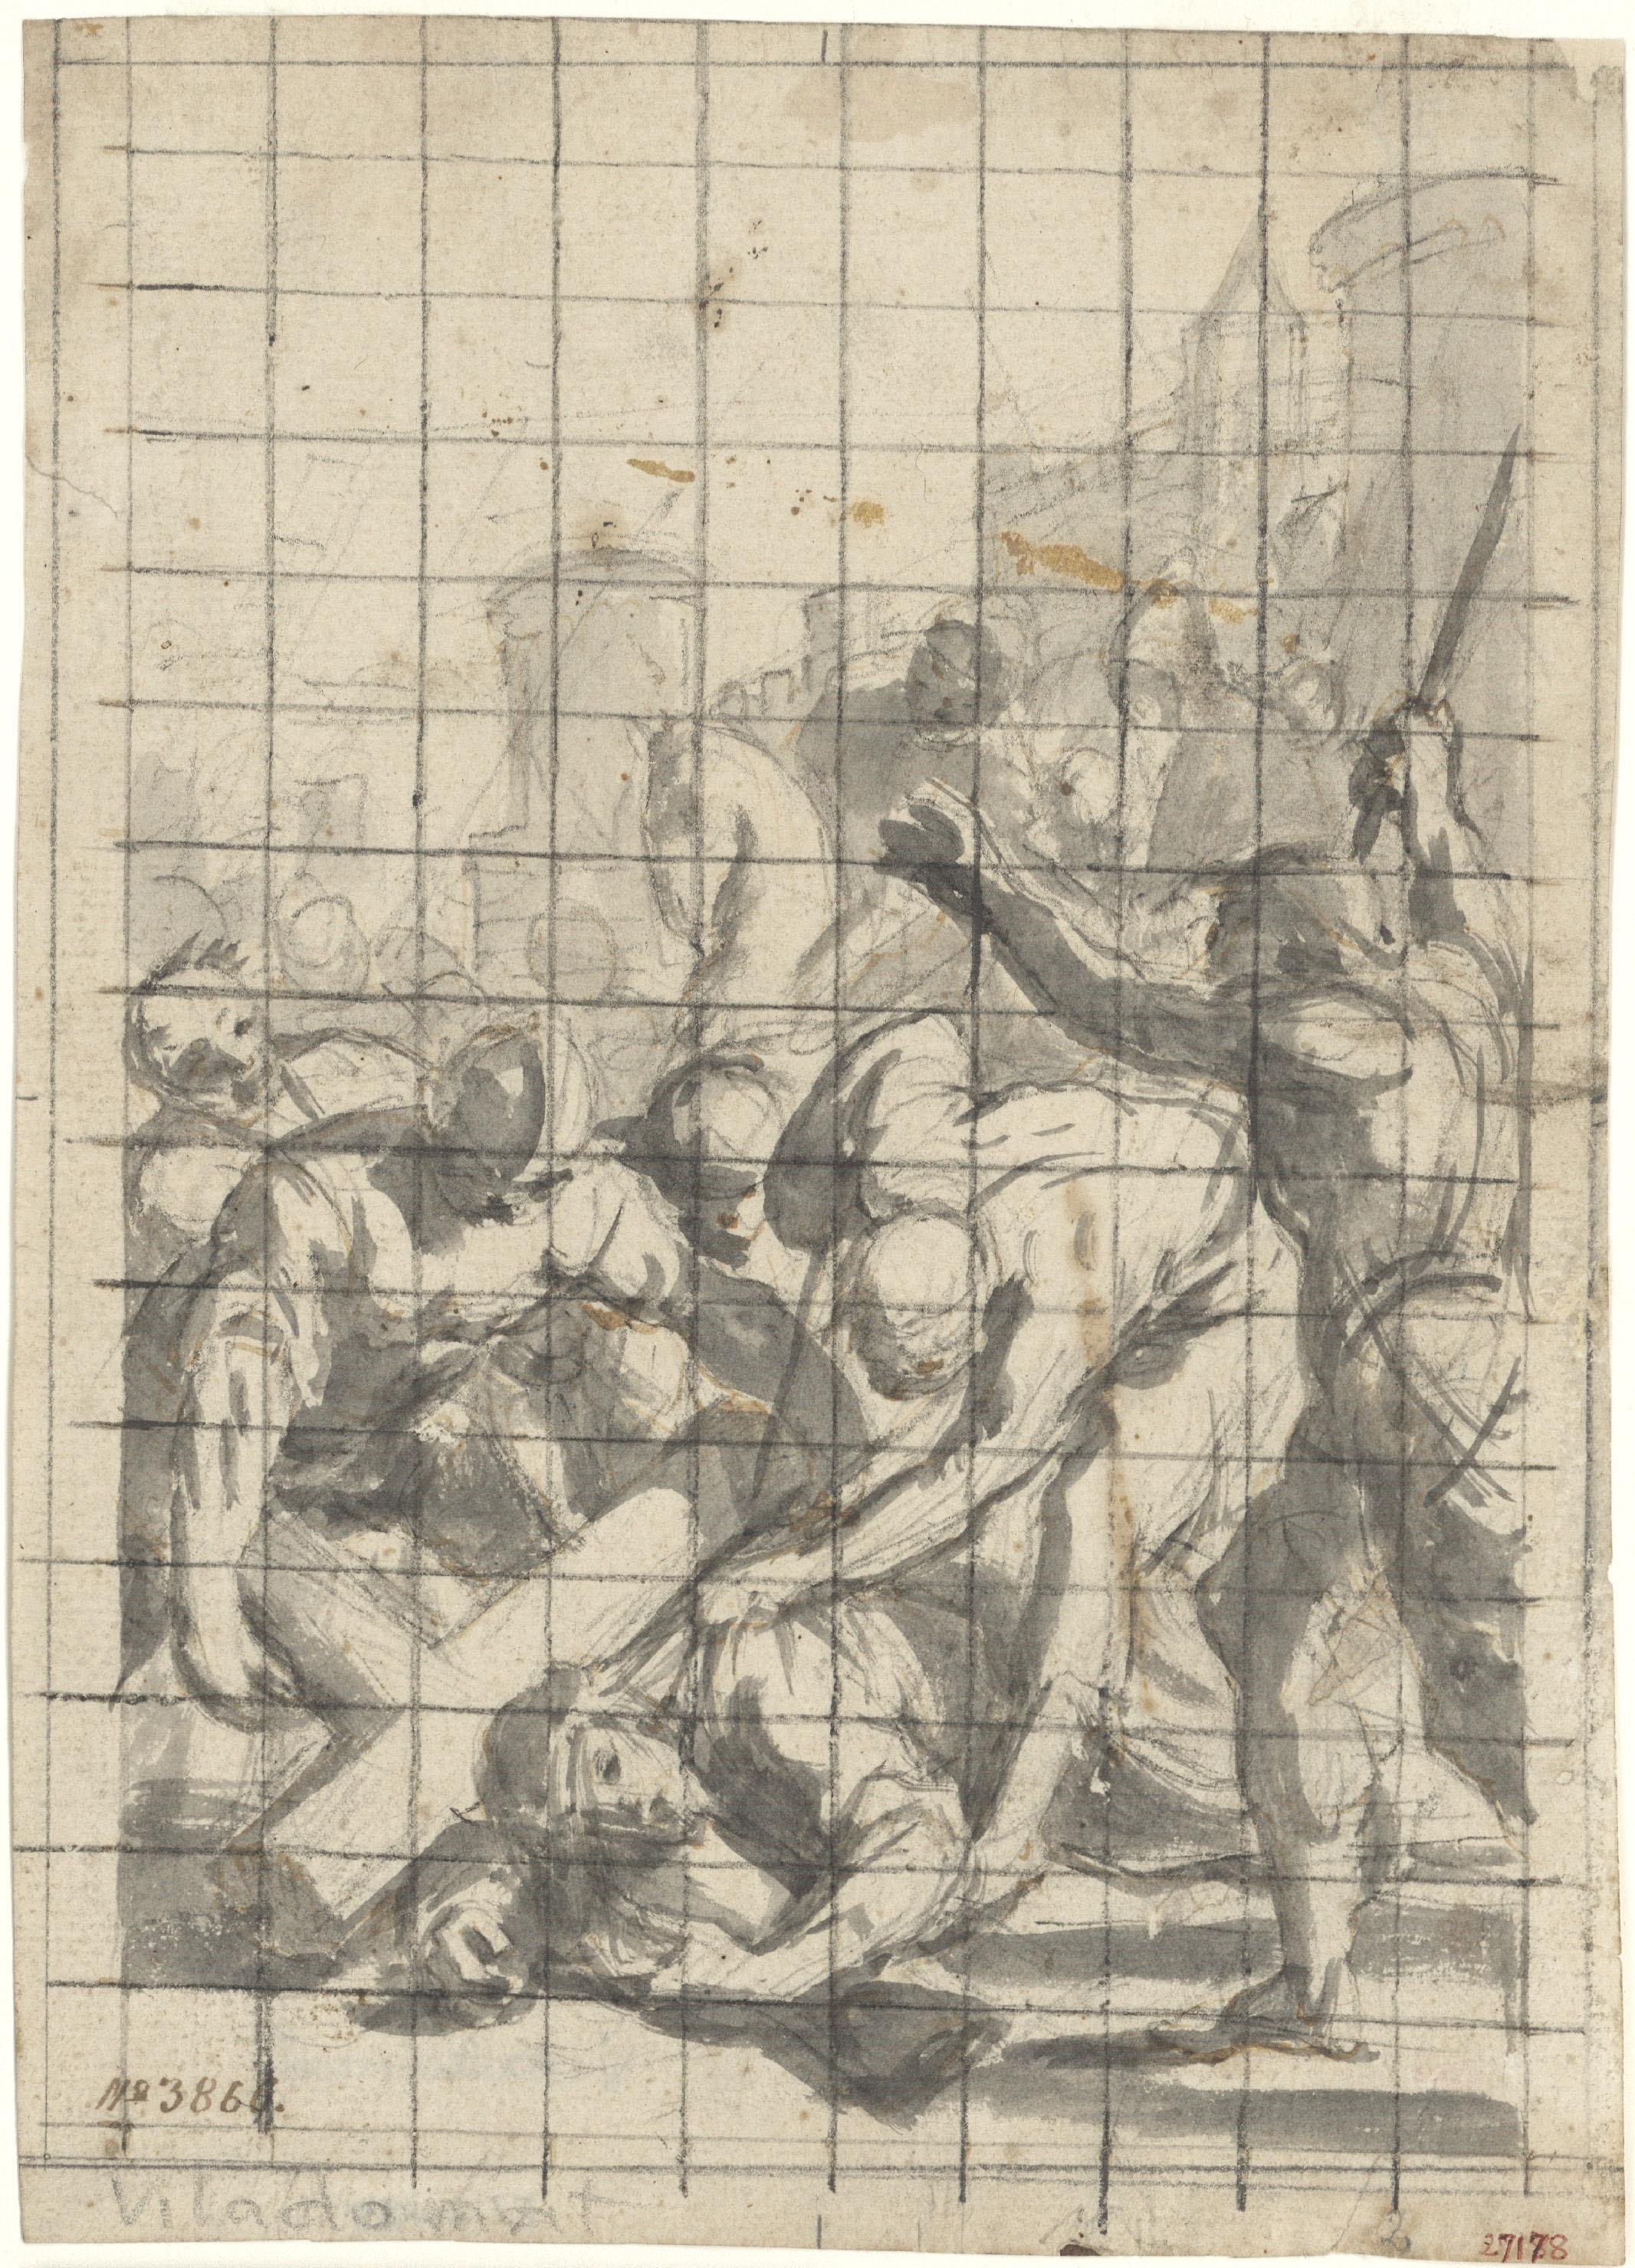 Antoni Viladomat - Estudi per al quadre «Tercera caiguda de Jesús (novena estació del Viacrucis)» de la capella dels Dolors de la basílica de Santa Maria de Mataró - Cap a 1727-1729